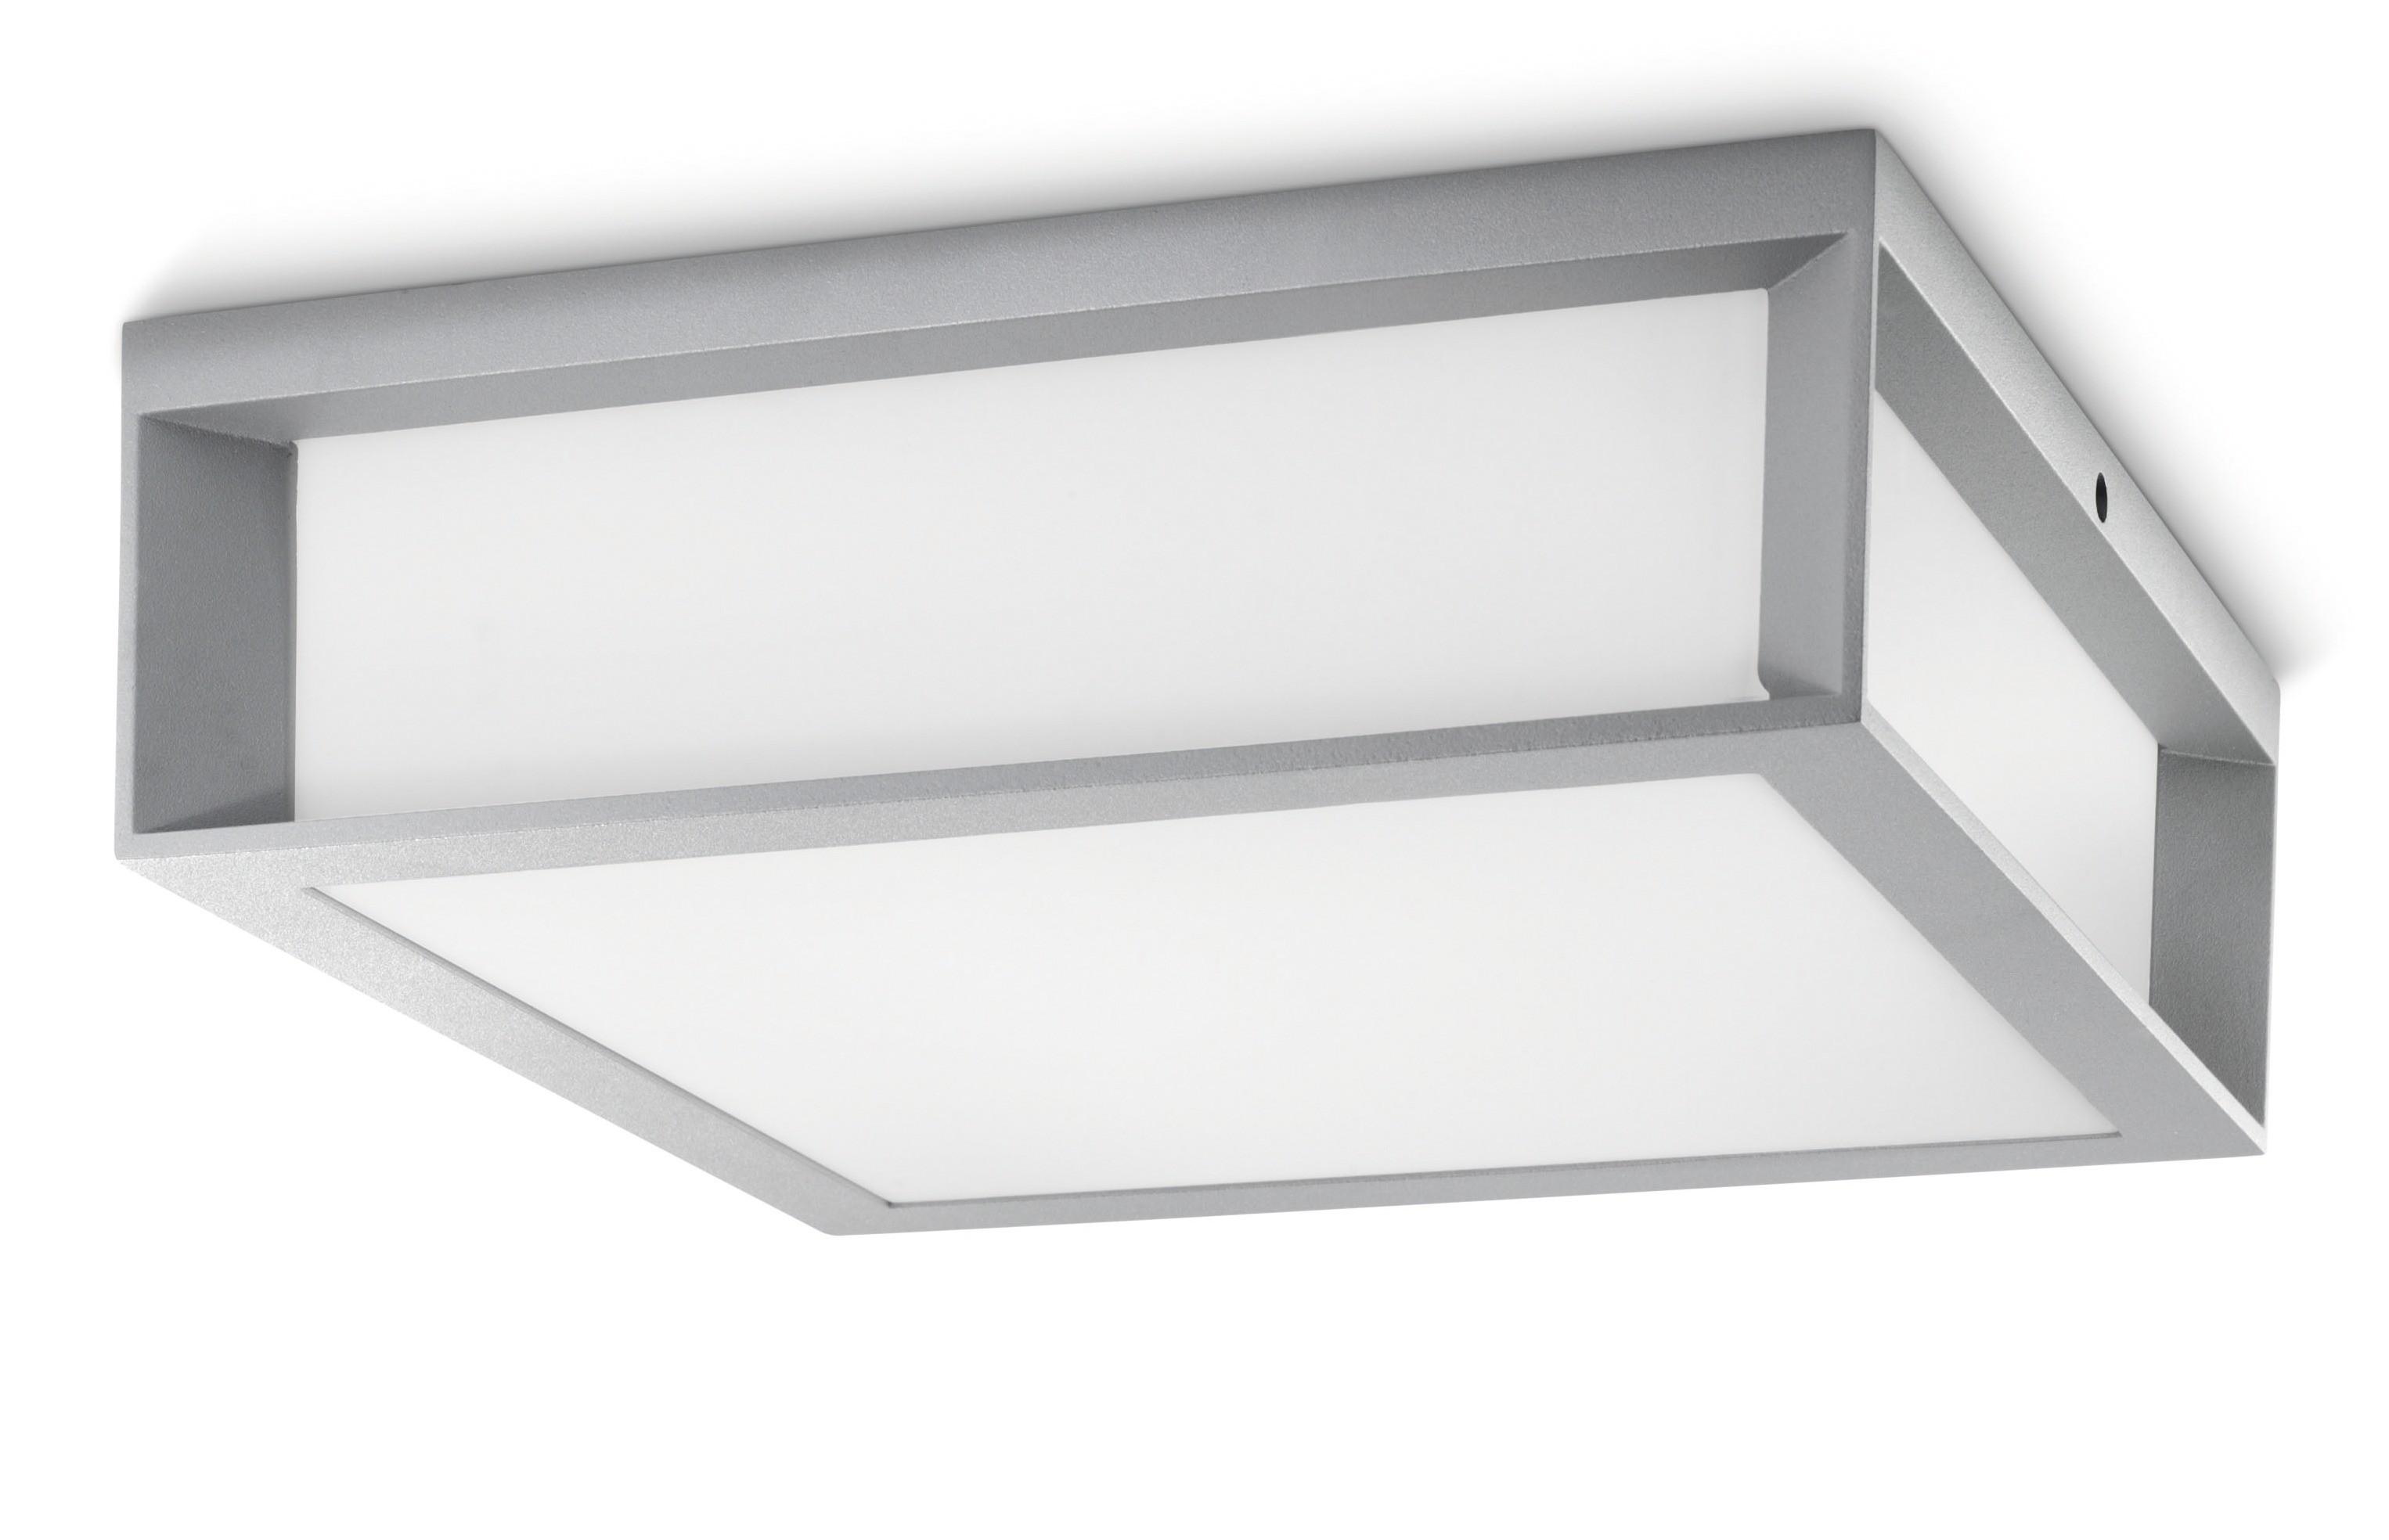 Philips skies 171848716 zilvergrijs ecomoods outdoor wand plafondlamp - Gloeilamp tizio lamp ...